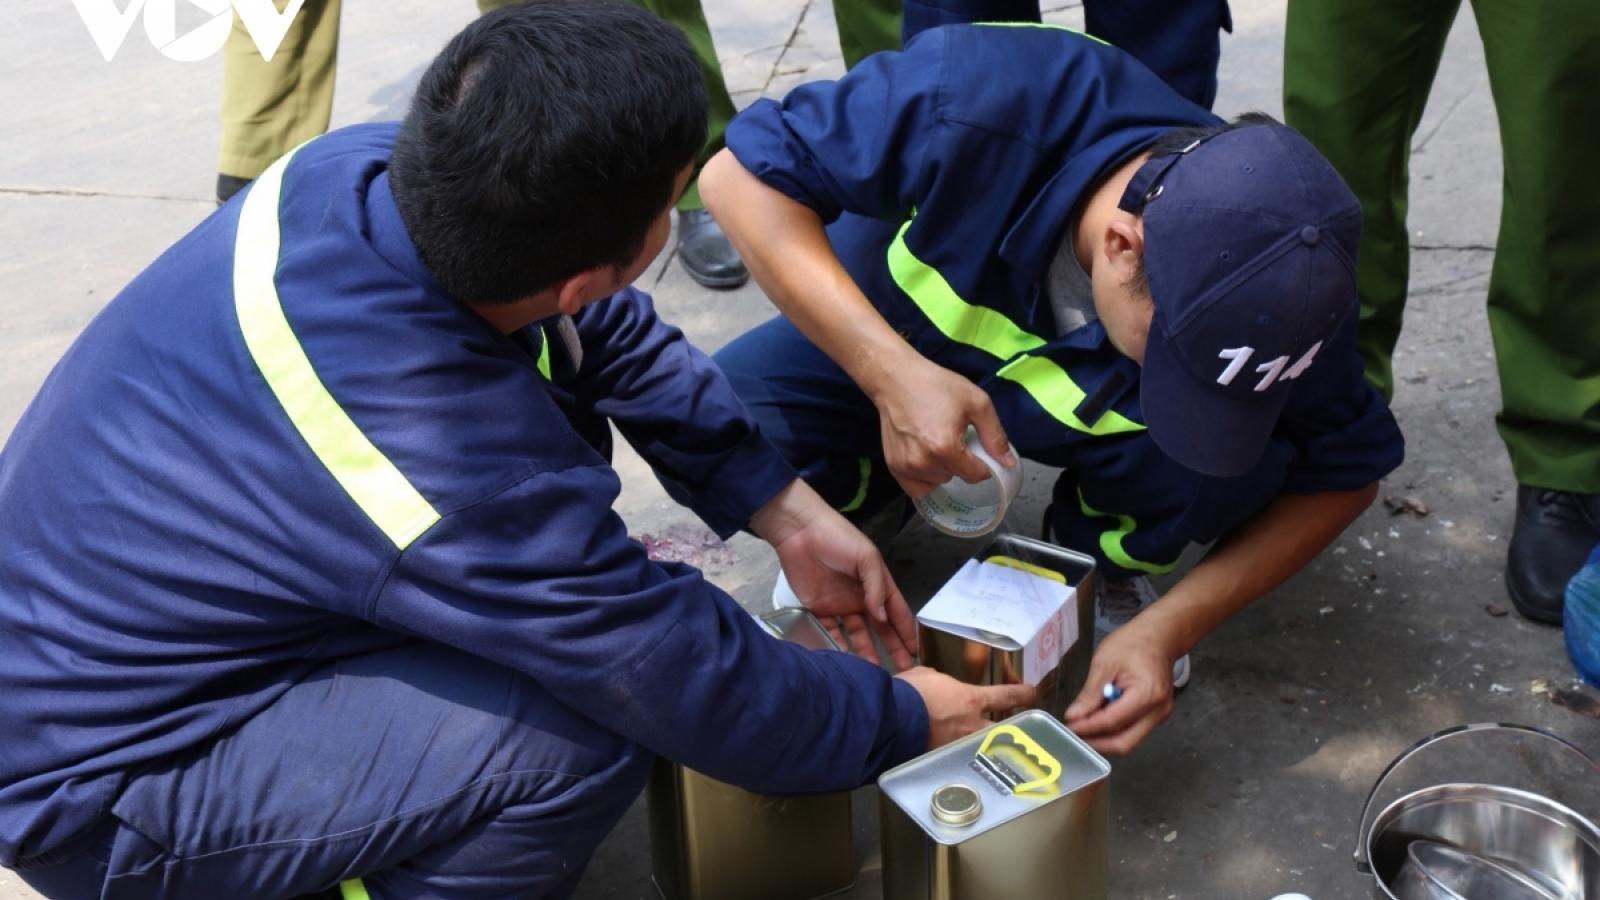 Nóng 24h: Thêm 16 cây xăng ở TPHCM liên quan đến đường dây buôn lậu xăng giả